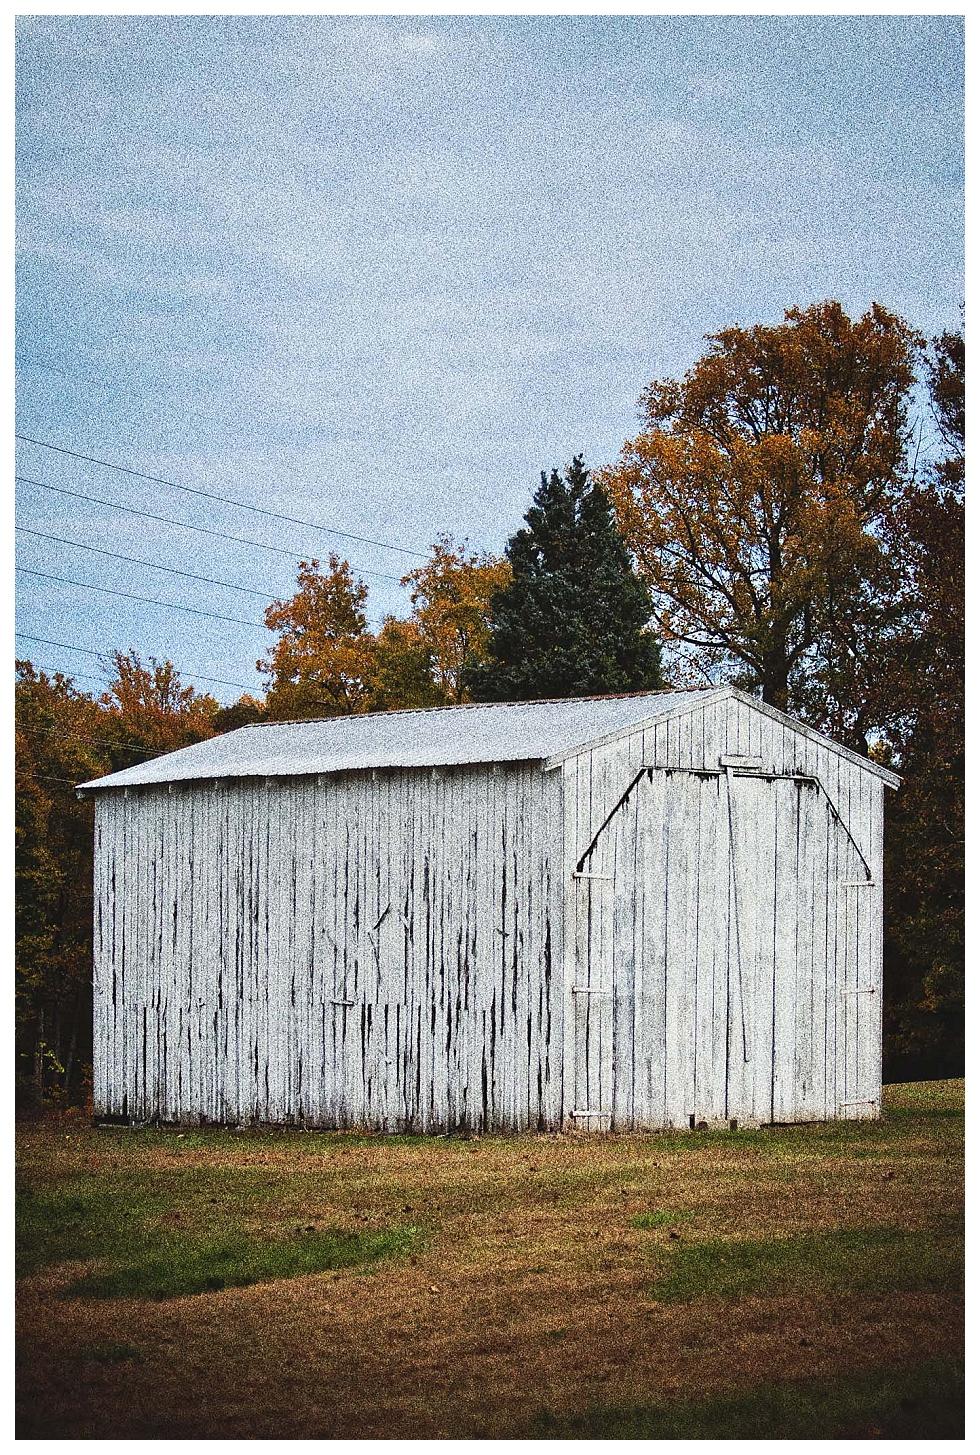 calvert county photography (1)